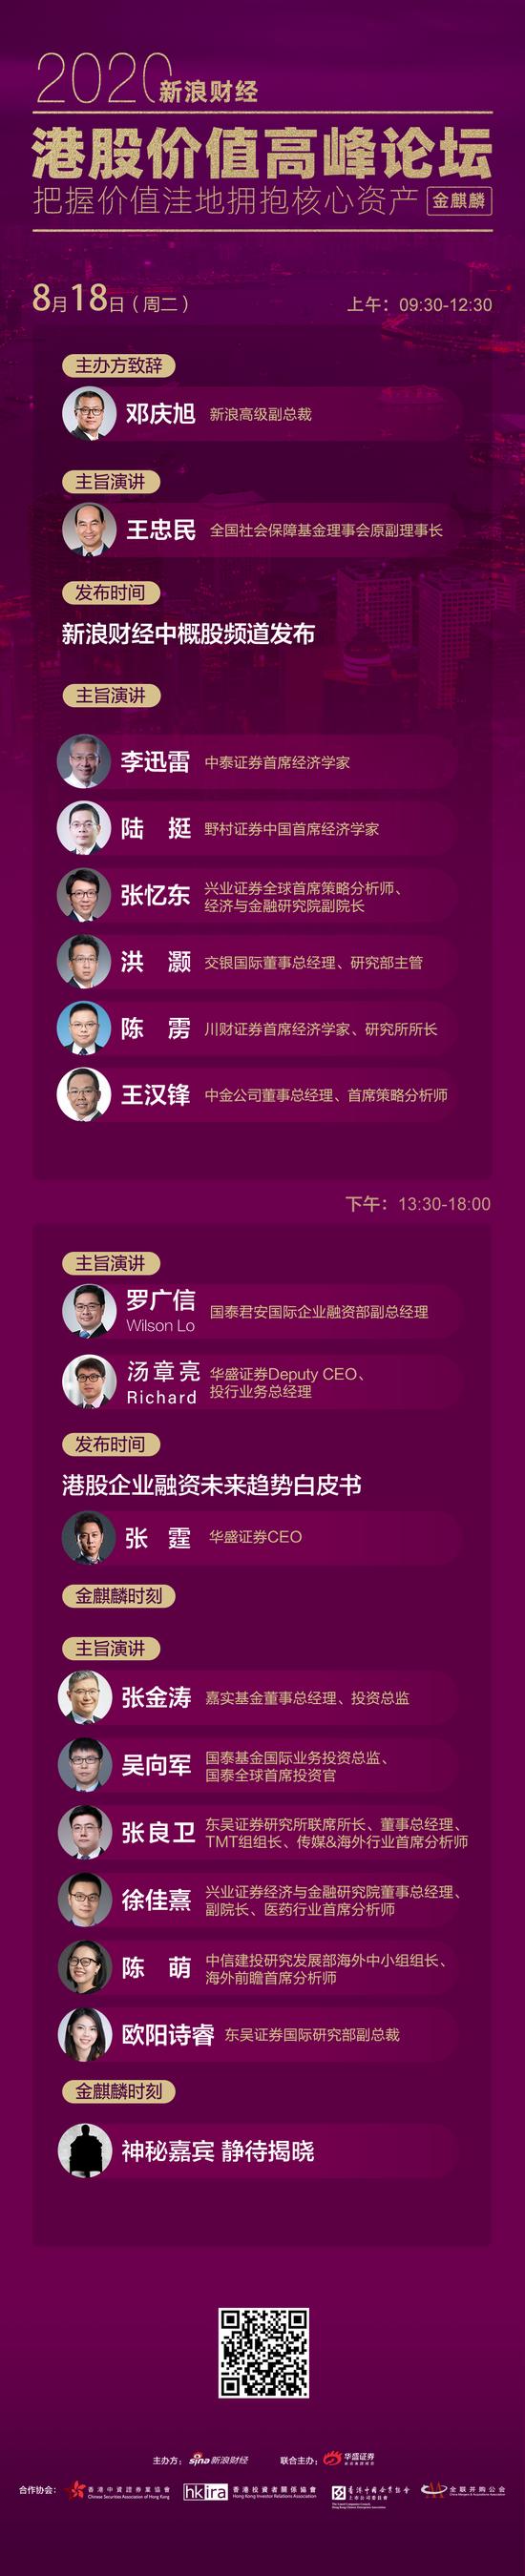 新浪港股高峰论坛即将开启 8月18日聚焦未来港股投资策略